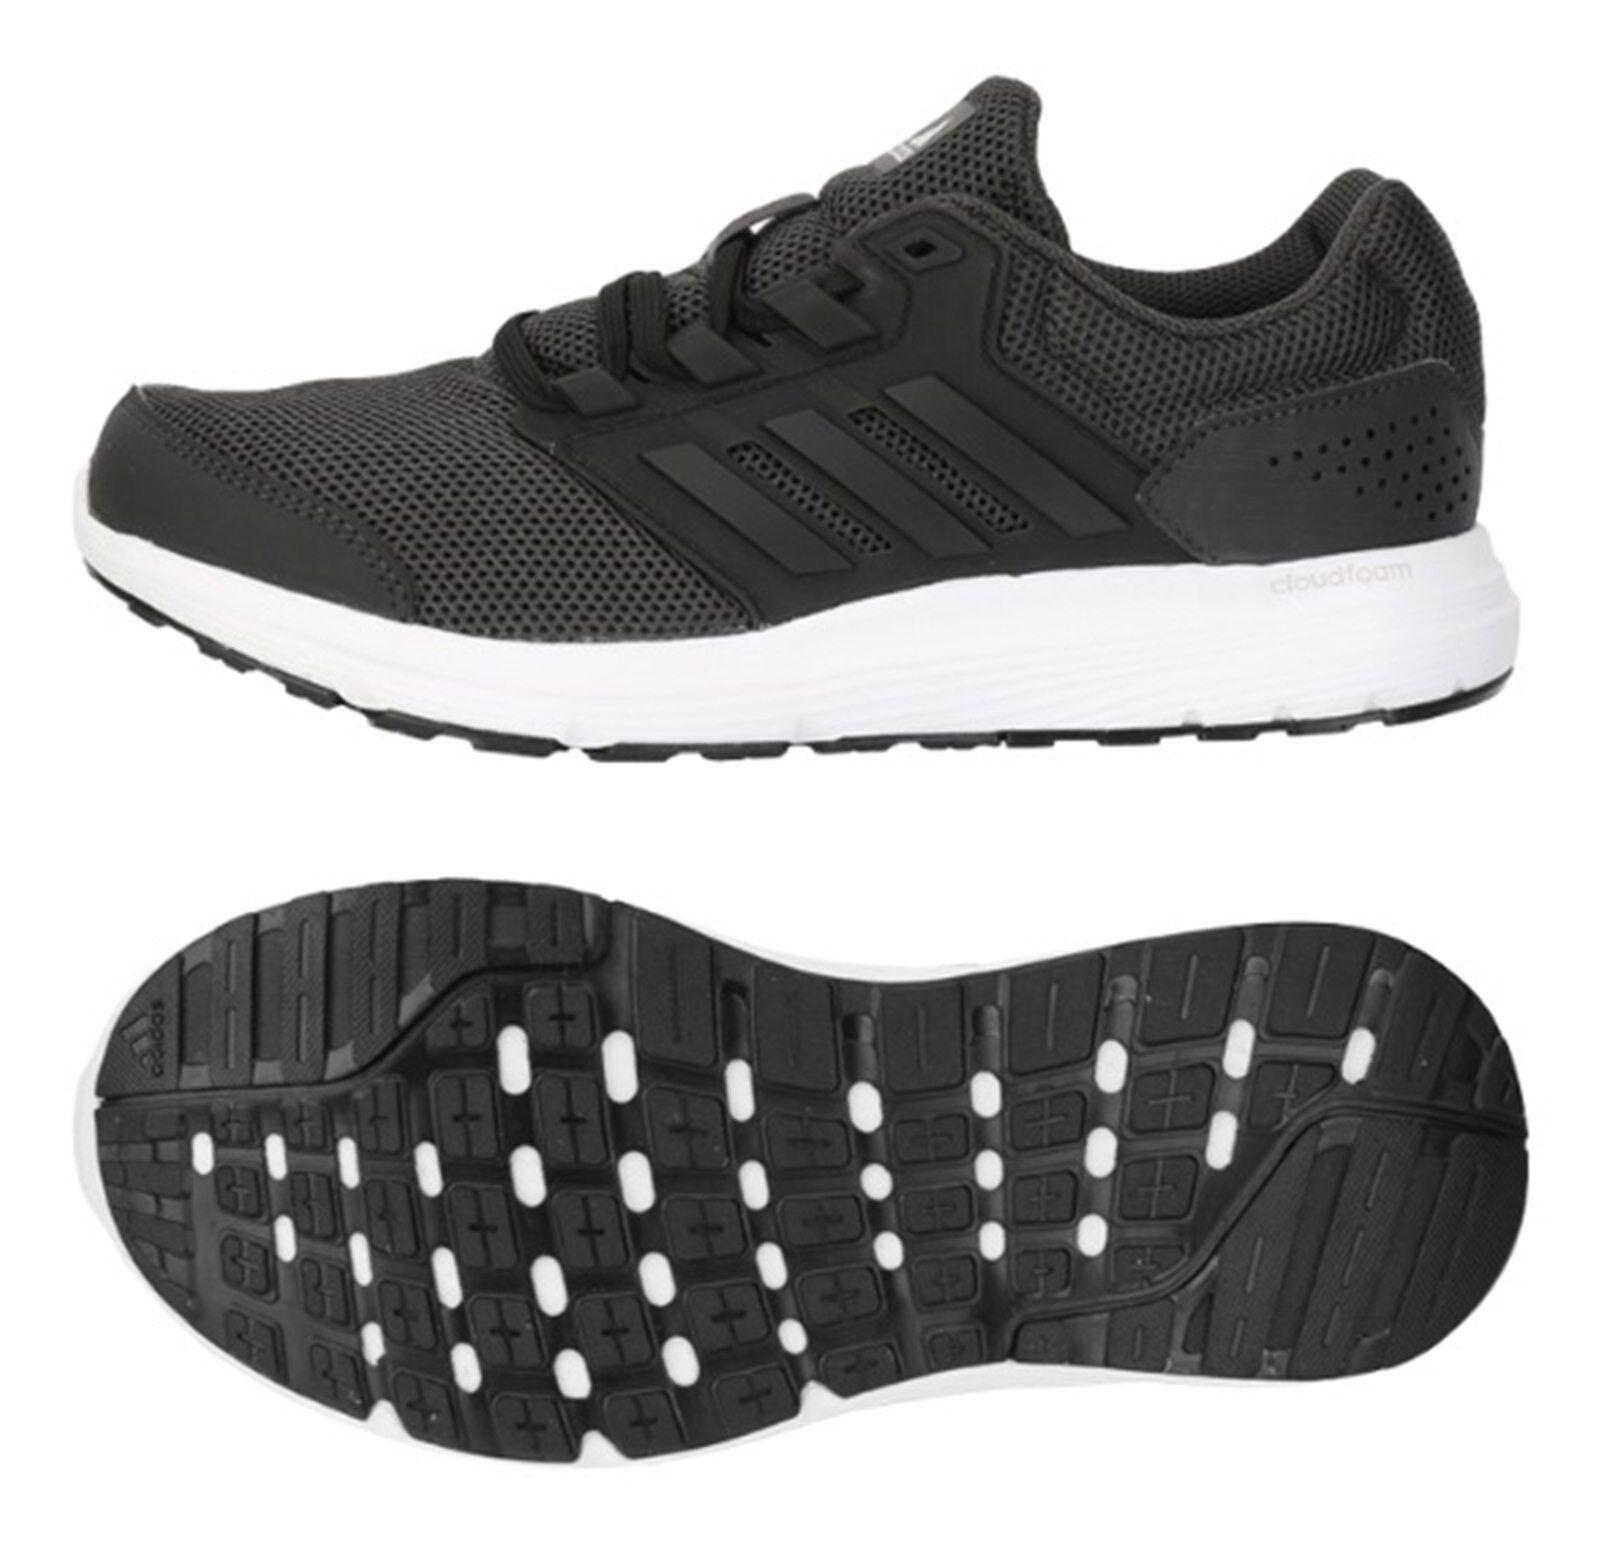 Zapatos De Entrenamiento Adidas Mujer Galaxy 4 que ejecutan Tenis Atléticas Yoga Negro BY2846